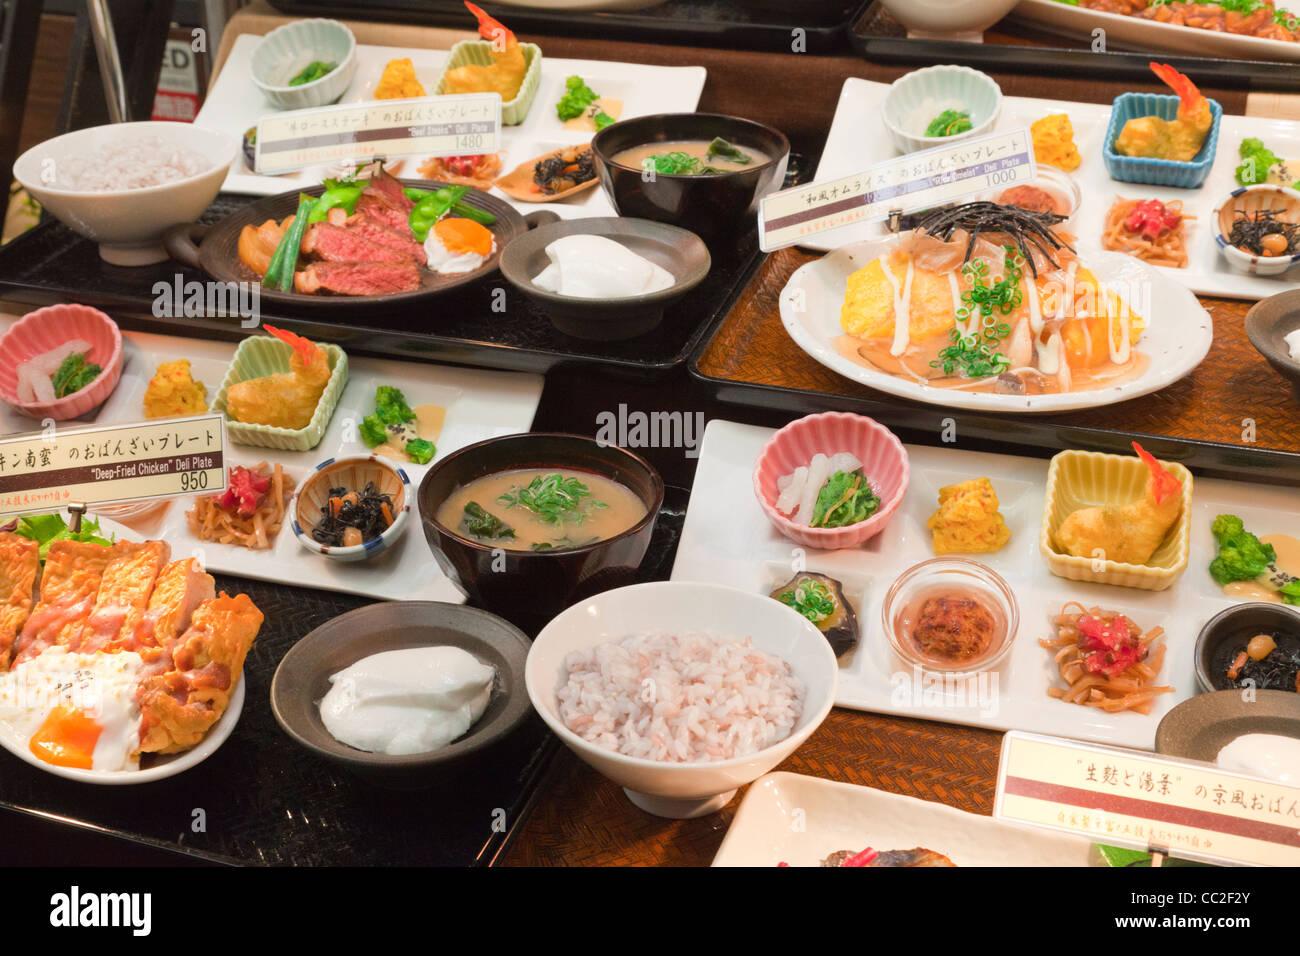 Replica o imitazione di plastica alimentare, al di fuori di un ristorante in Giappone. Immagini Stock